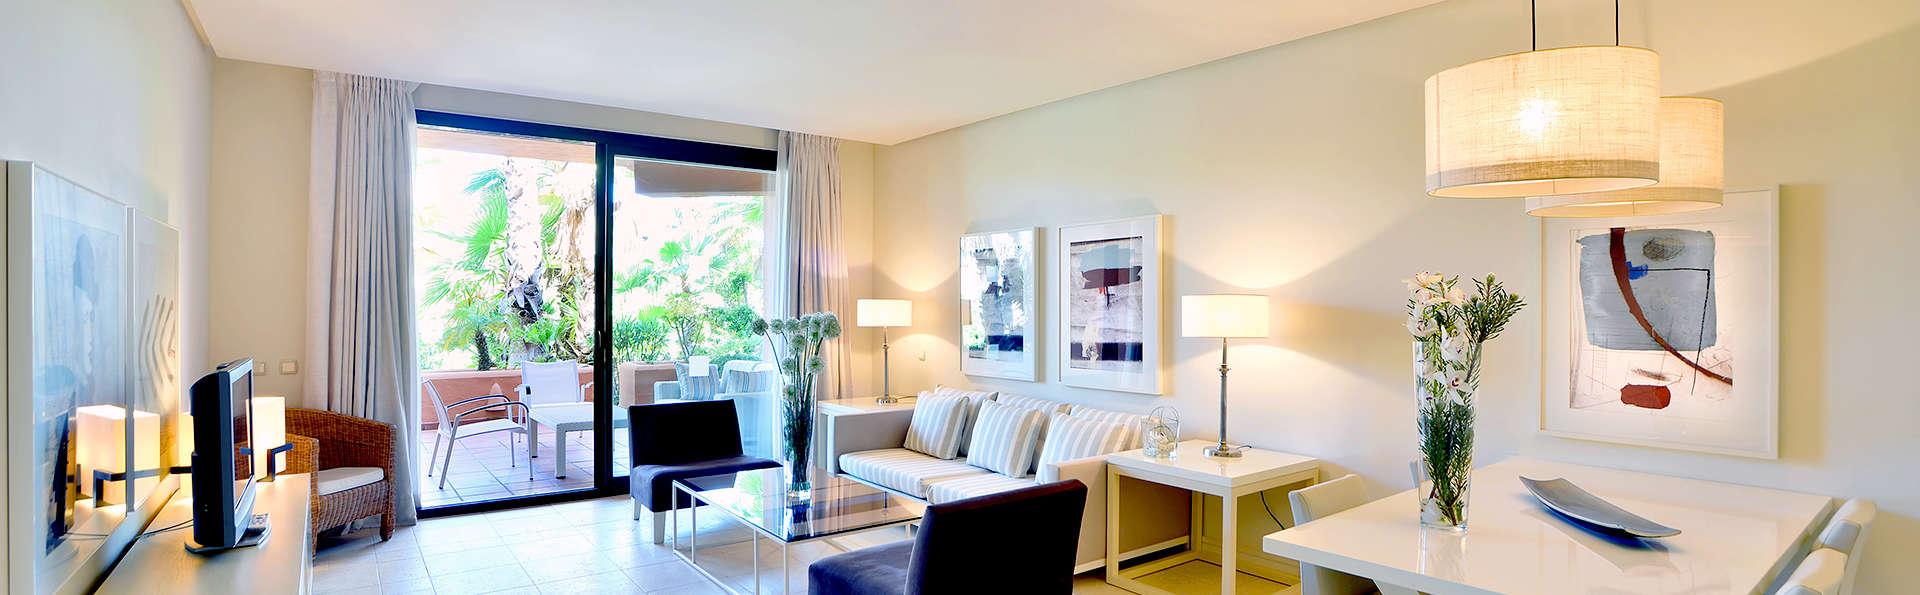 Escápate en apartamento de lujo de hasta 4 personas con desayuno en Sancti Petri